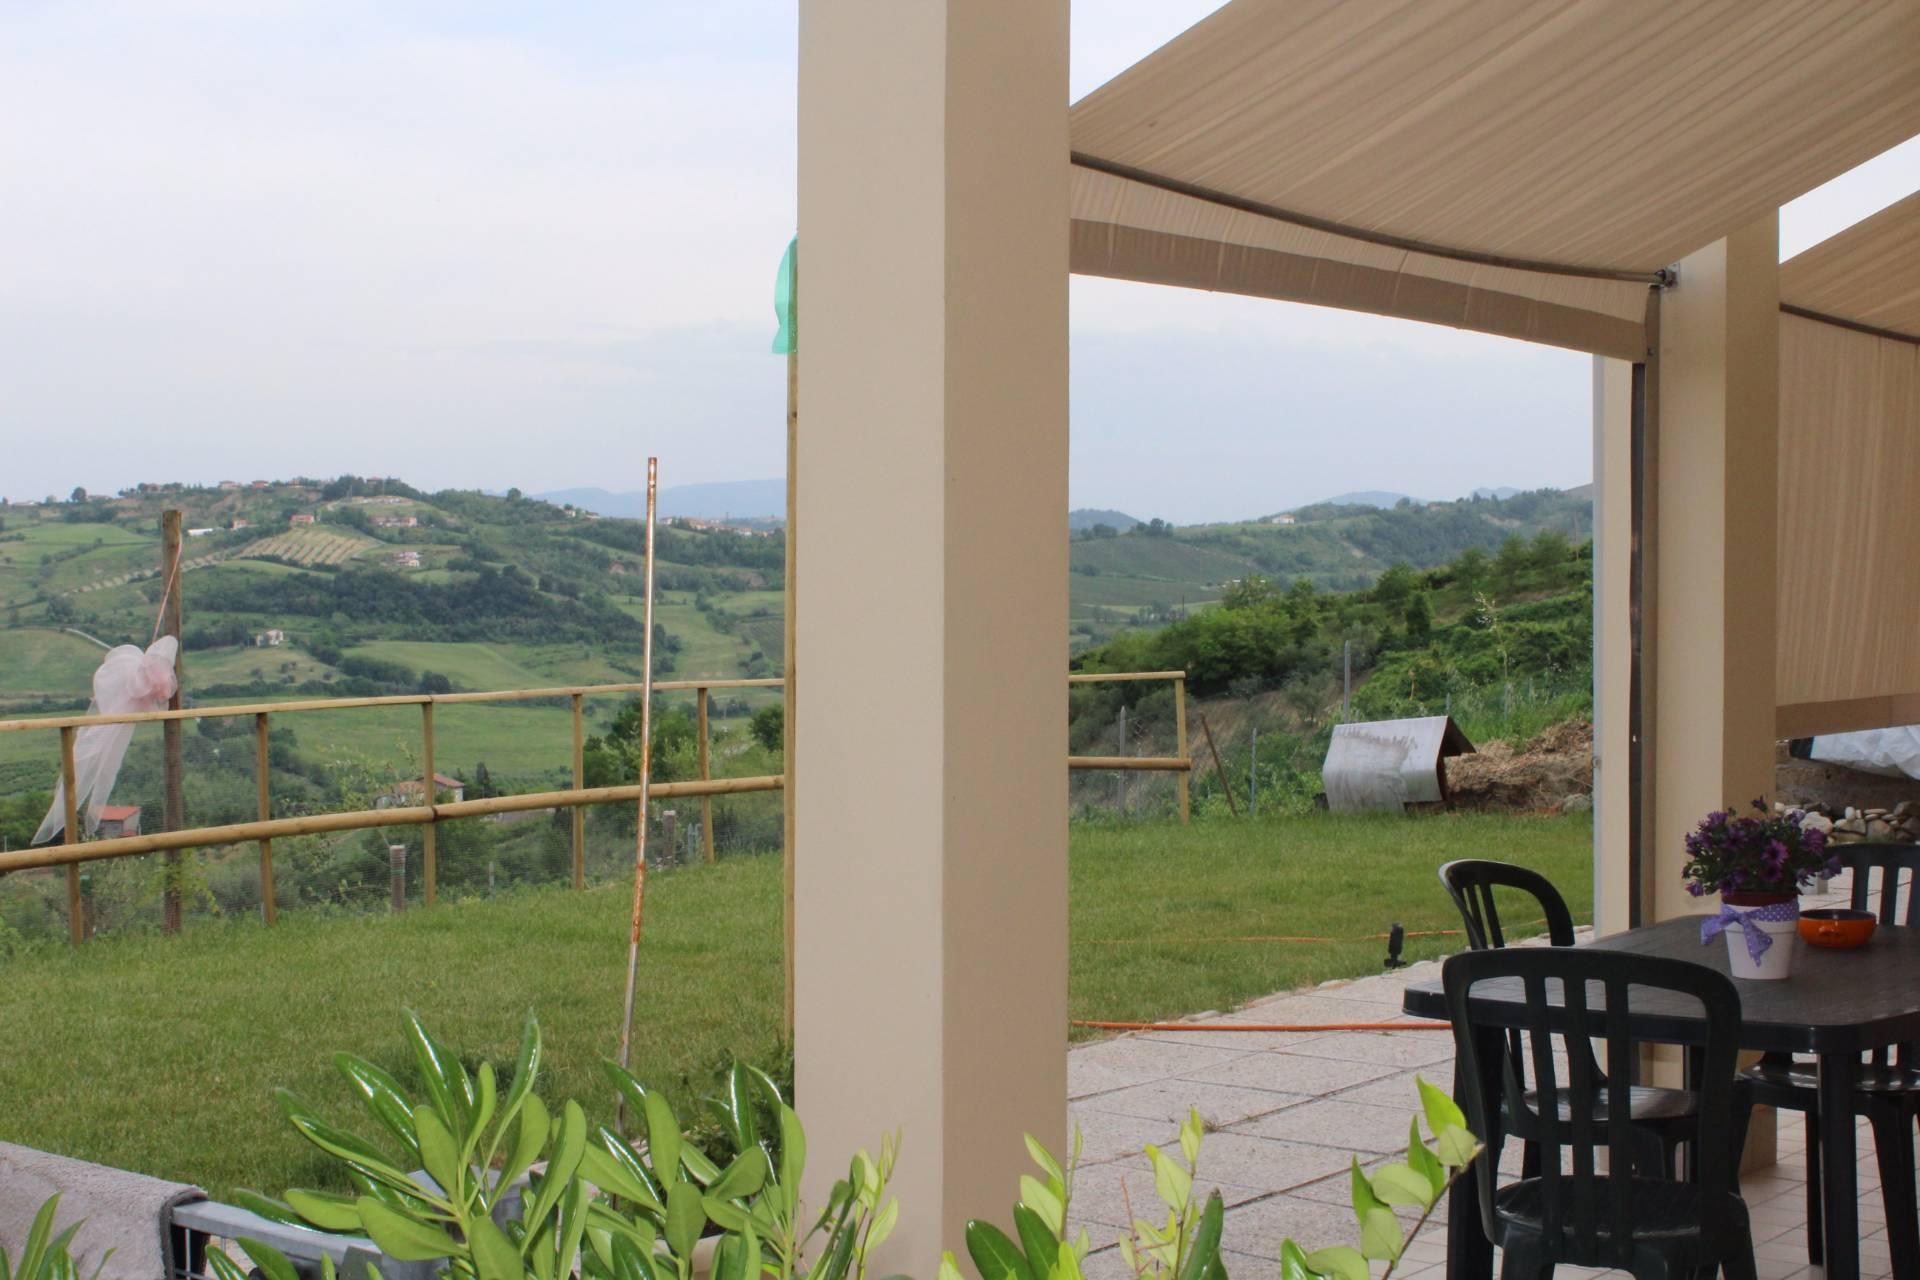 Appartamento in vendita a Montiano, 3 locali, prezzo € 115.000 | CambioCasa.it